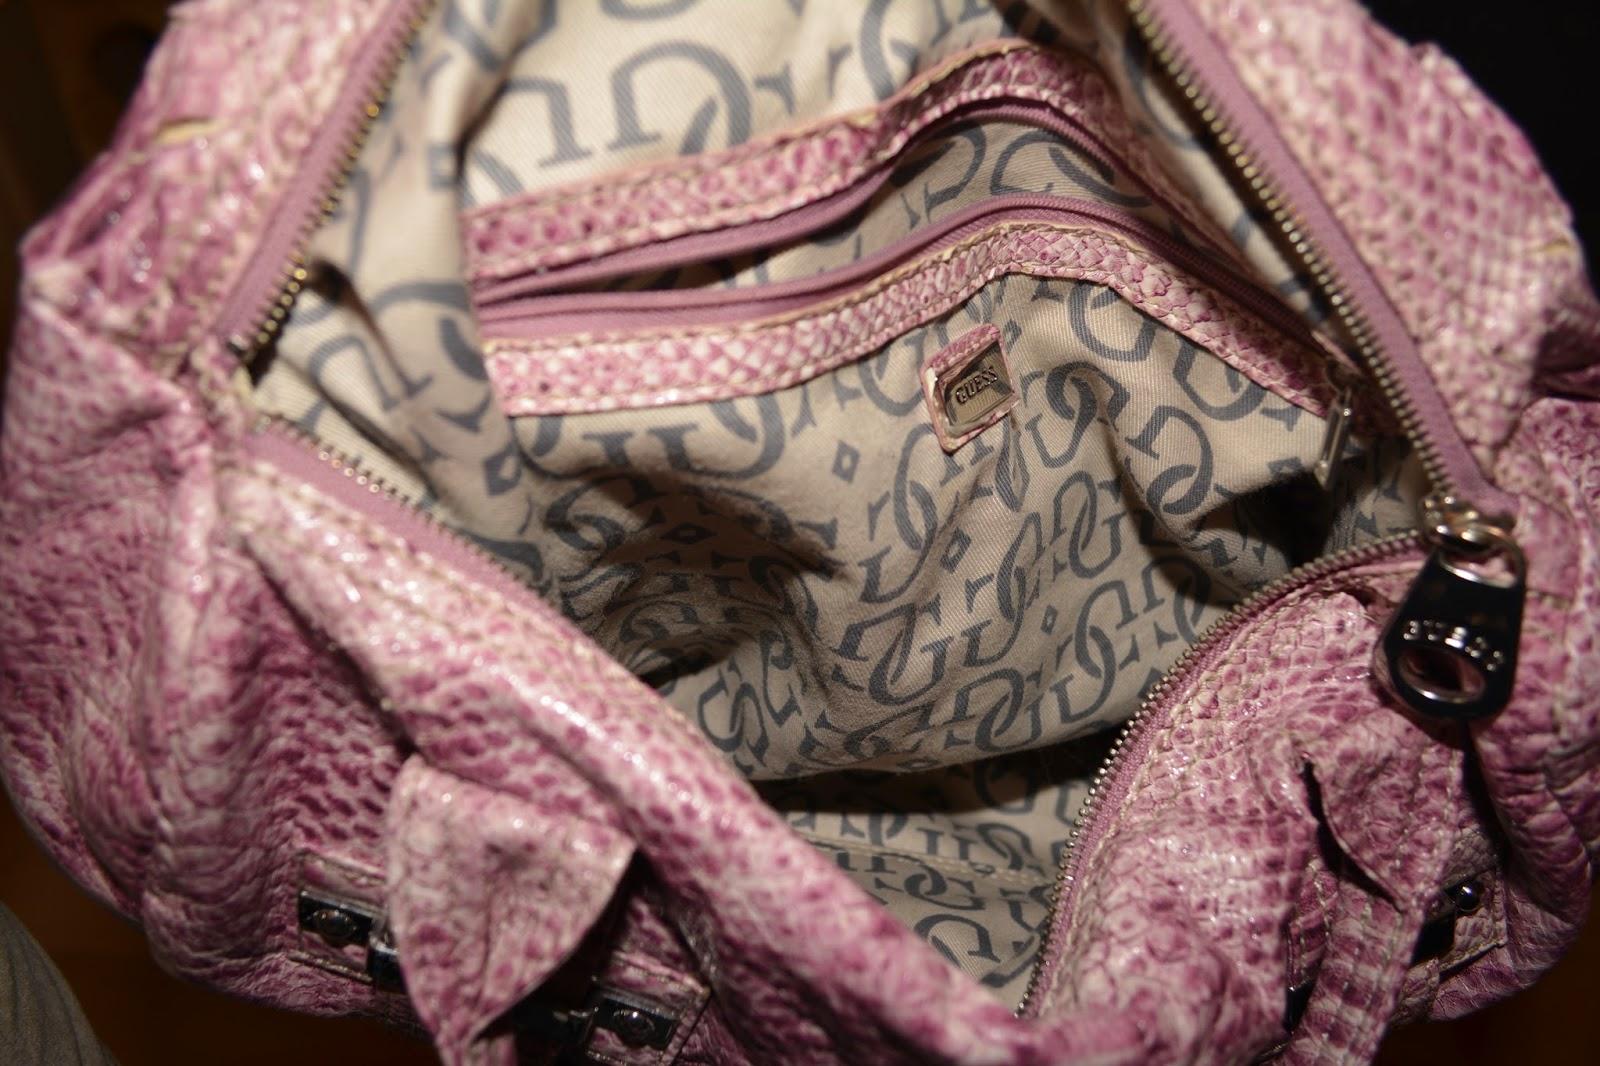 Myynnissä tämä Suomesta ostettu aito Guessin laukku. Ostettu muistaakseni  Aukian liikkeestä fa6b1fb5fb